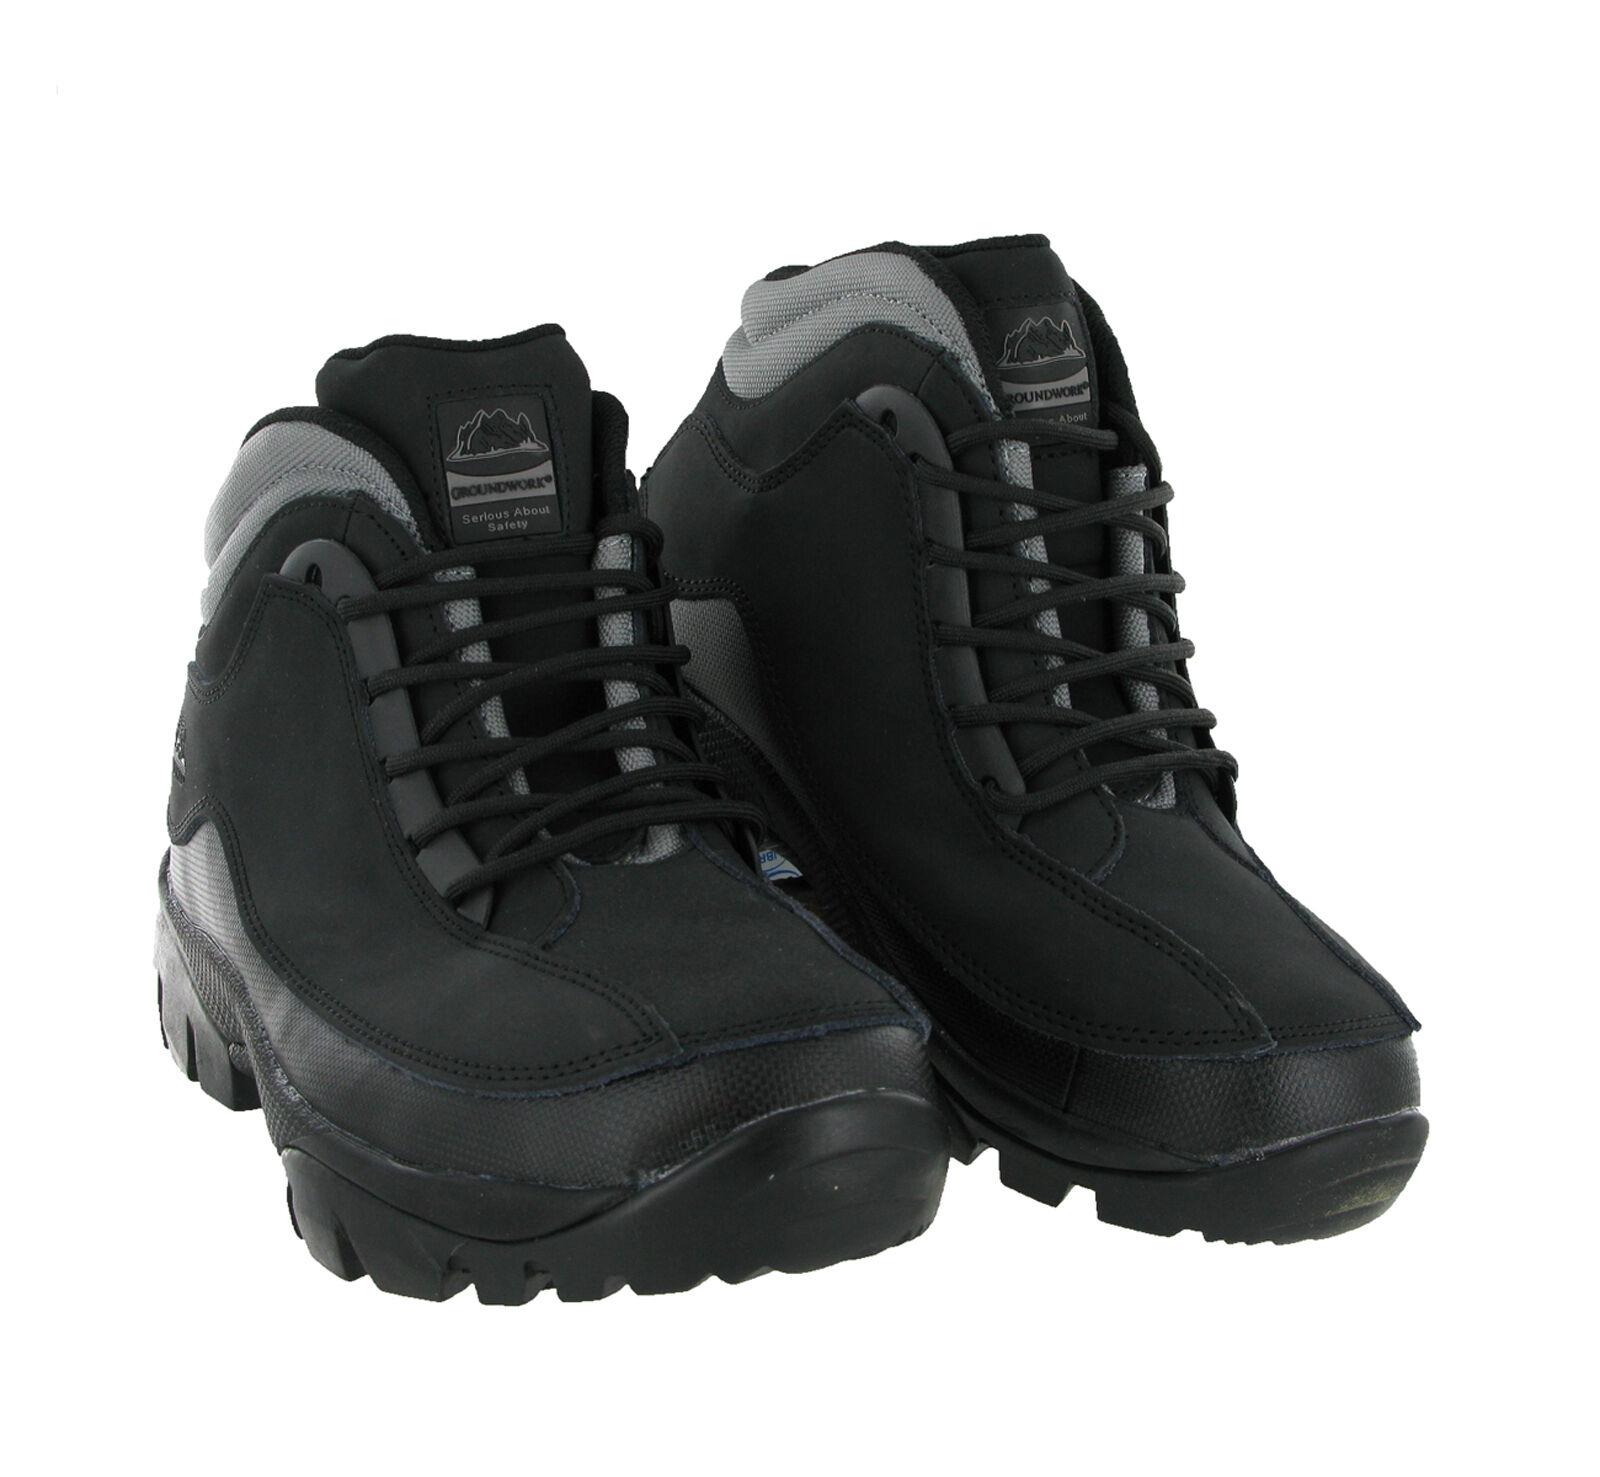 Homme Léger Baskets De Sécurité Chaussures De Travail Chaussures Acier Orteil Casquette Bottes De Randonnée CE